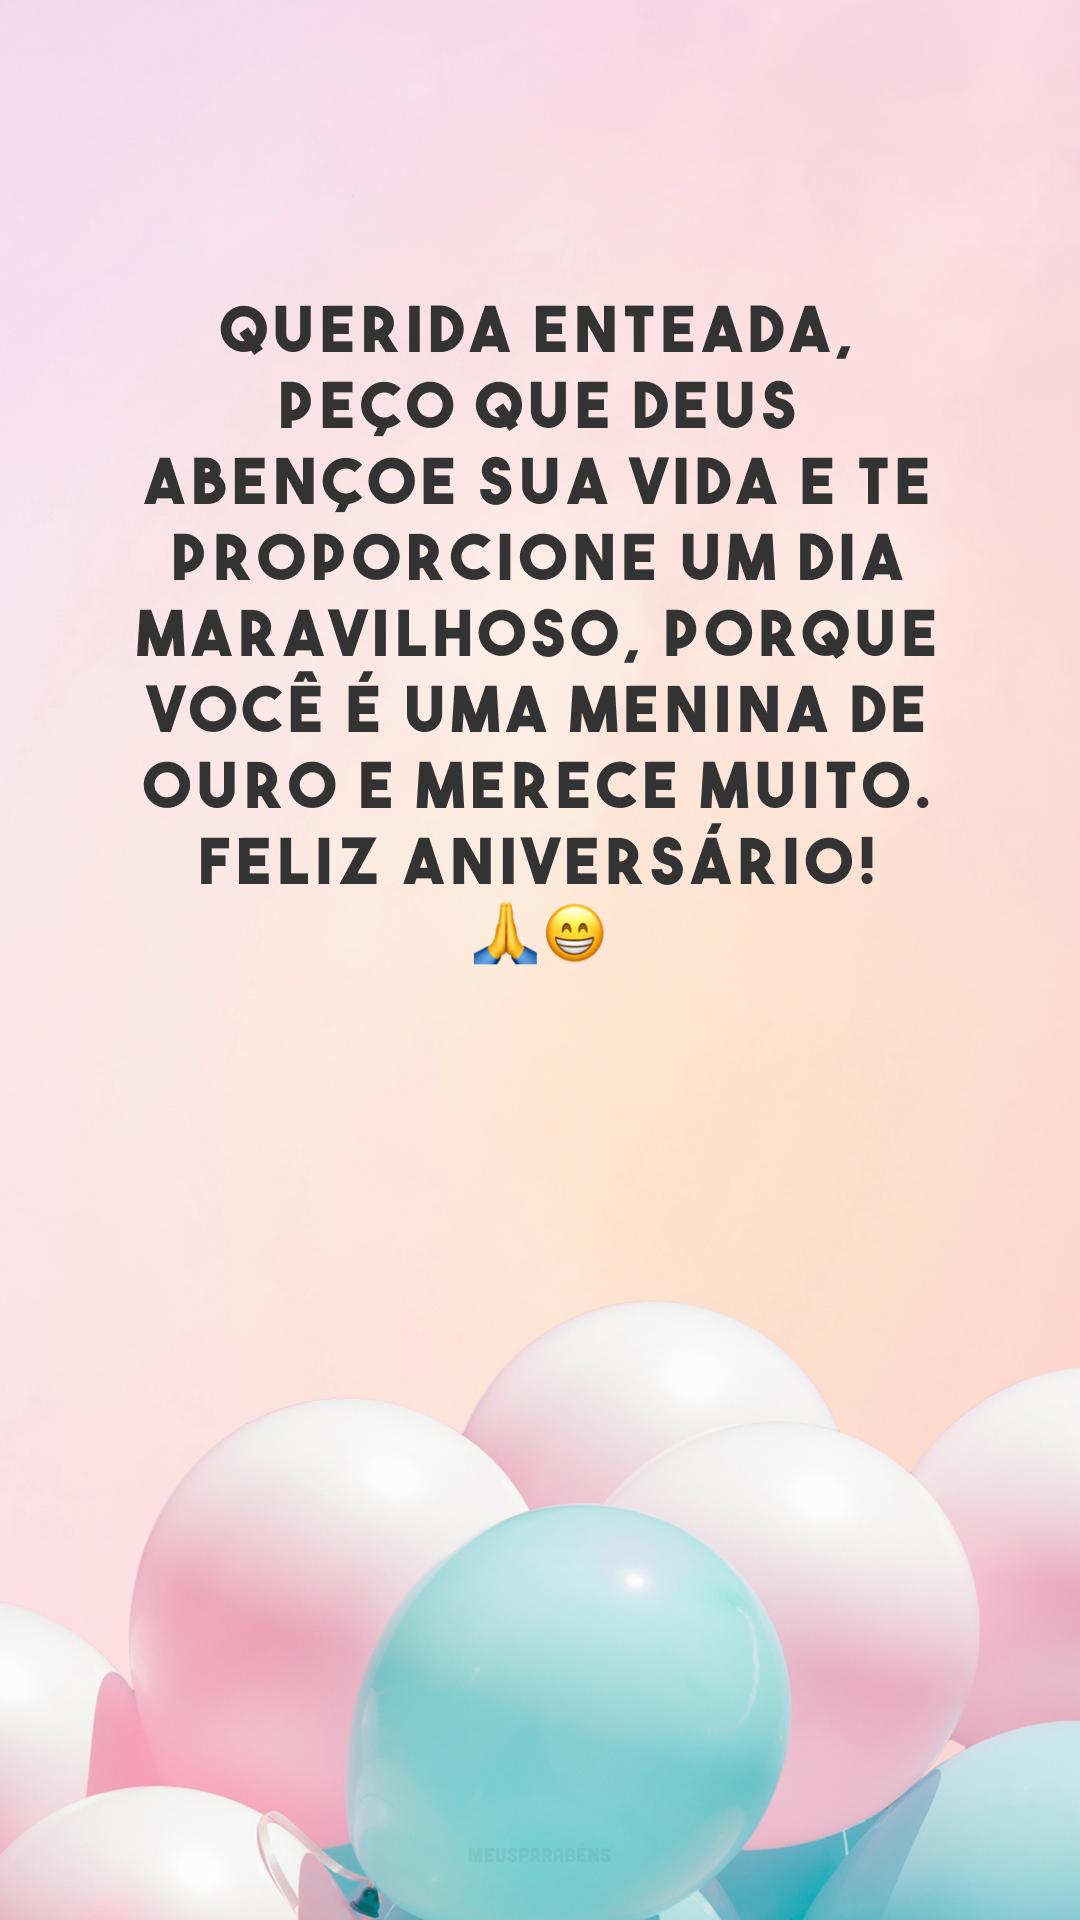 Querida enteada, peço que Deus abençoe sua vida e te proporcione um dia maravilhoso, porque você é uma menina de ouro e merece muito. Feliz aniversário! 🙏😁